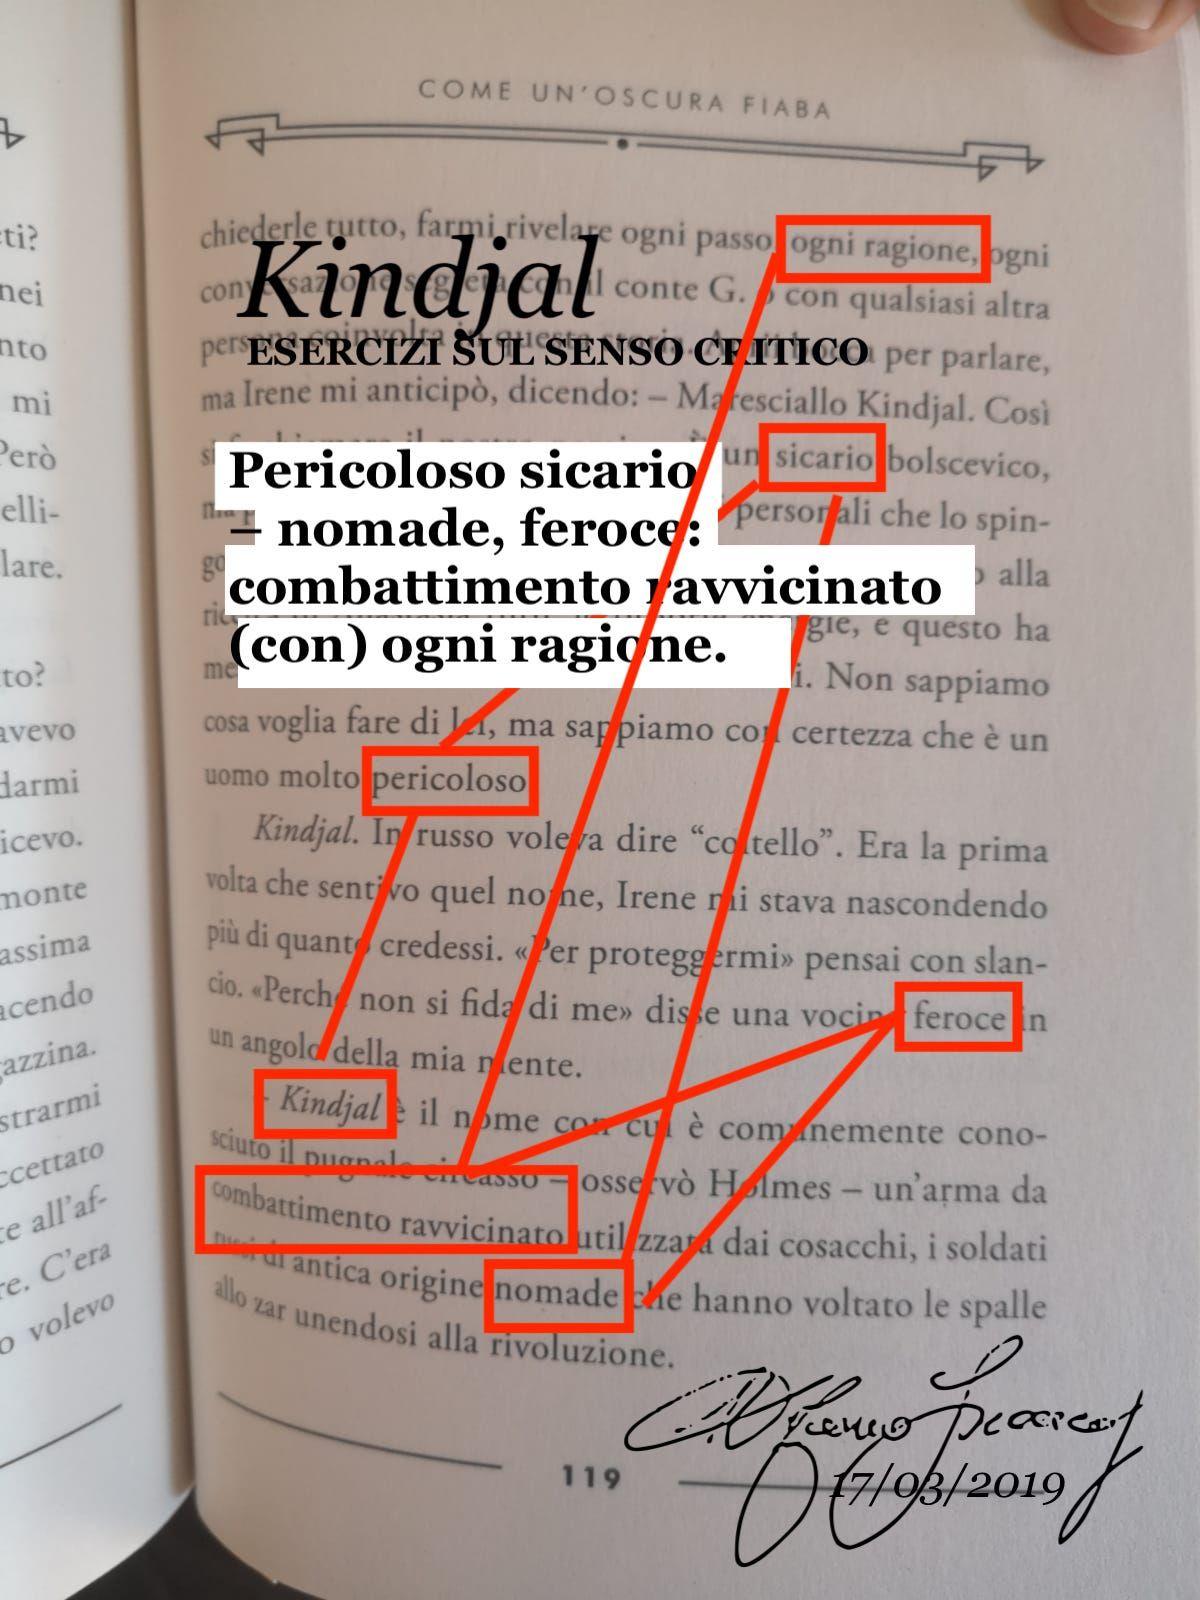 Stefano Francoli, Kindjal - Esercizi sul senso critico, 2020